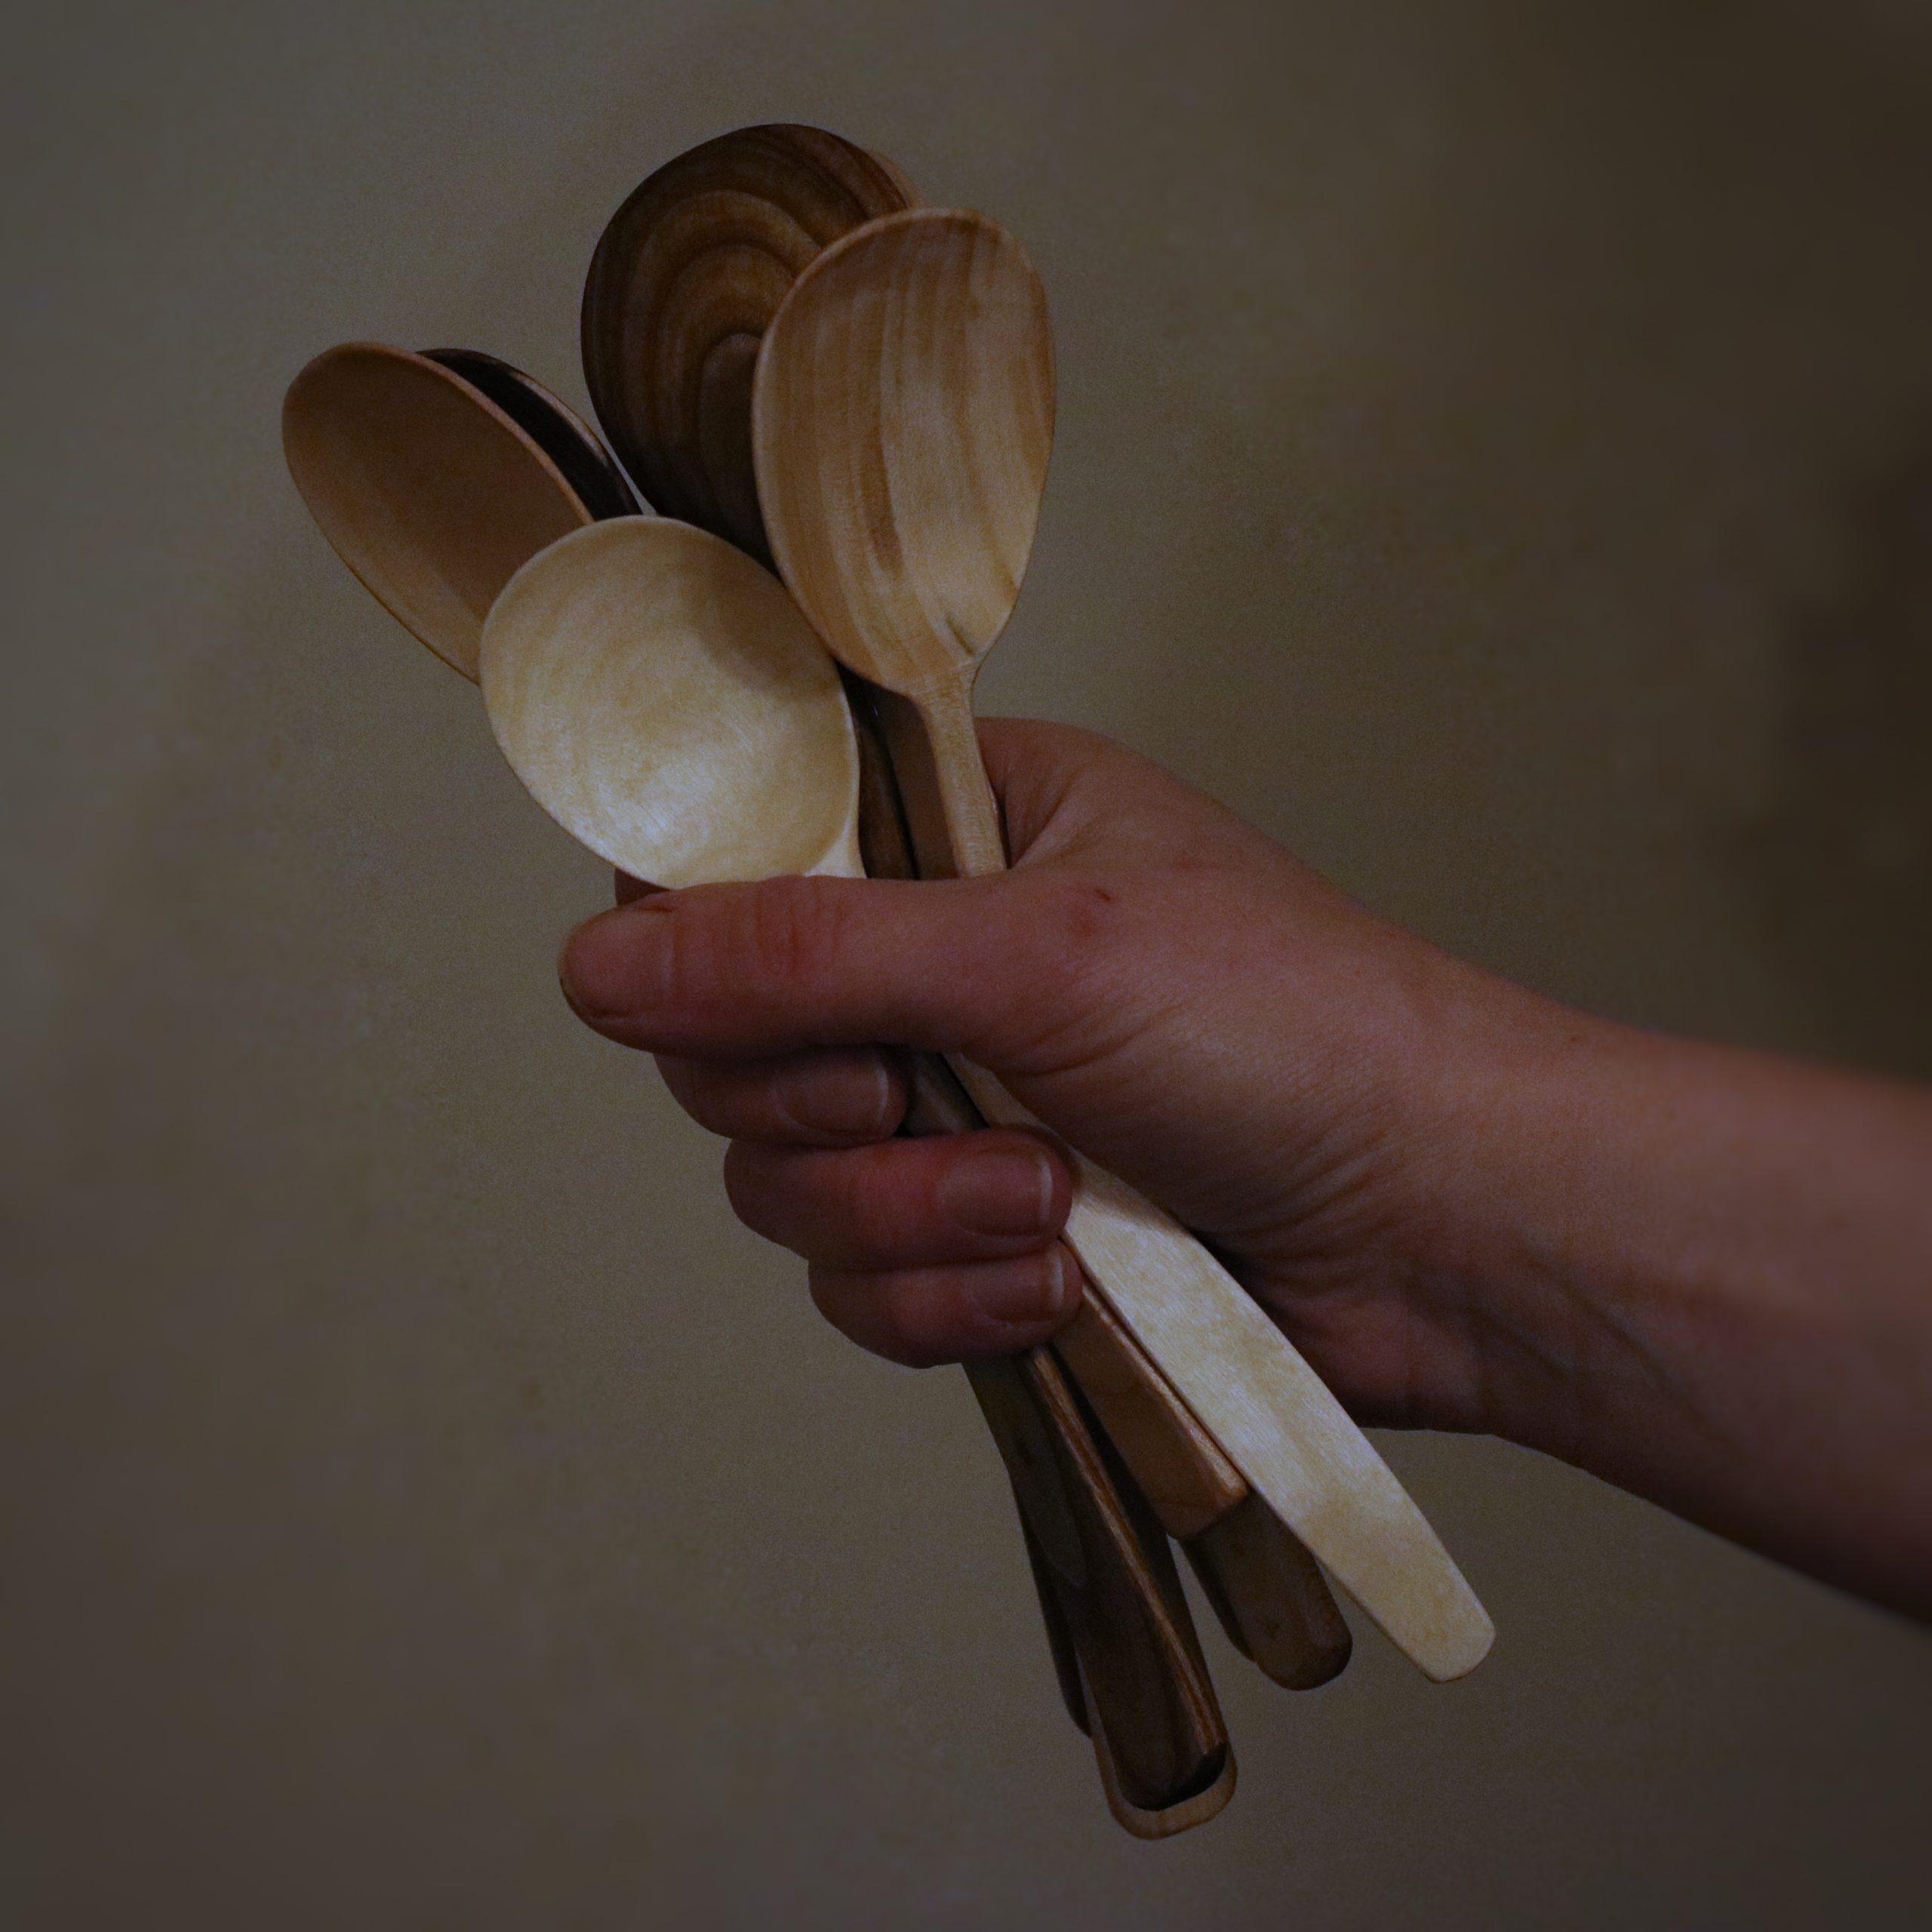 Handful of eating spoons